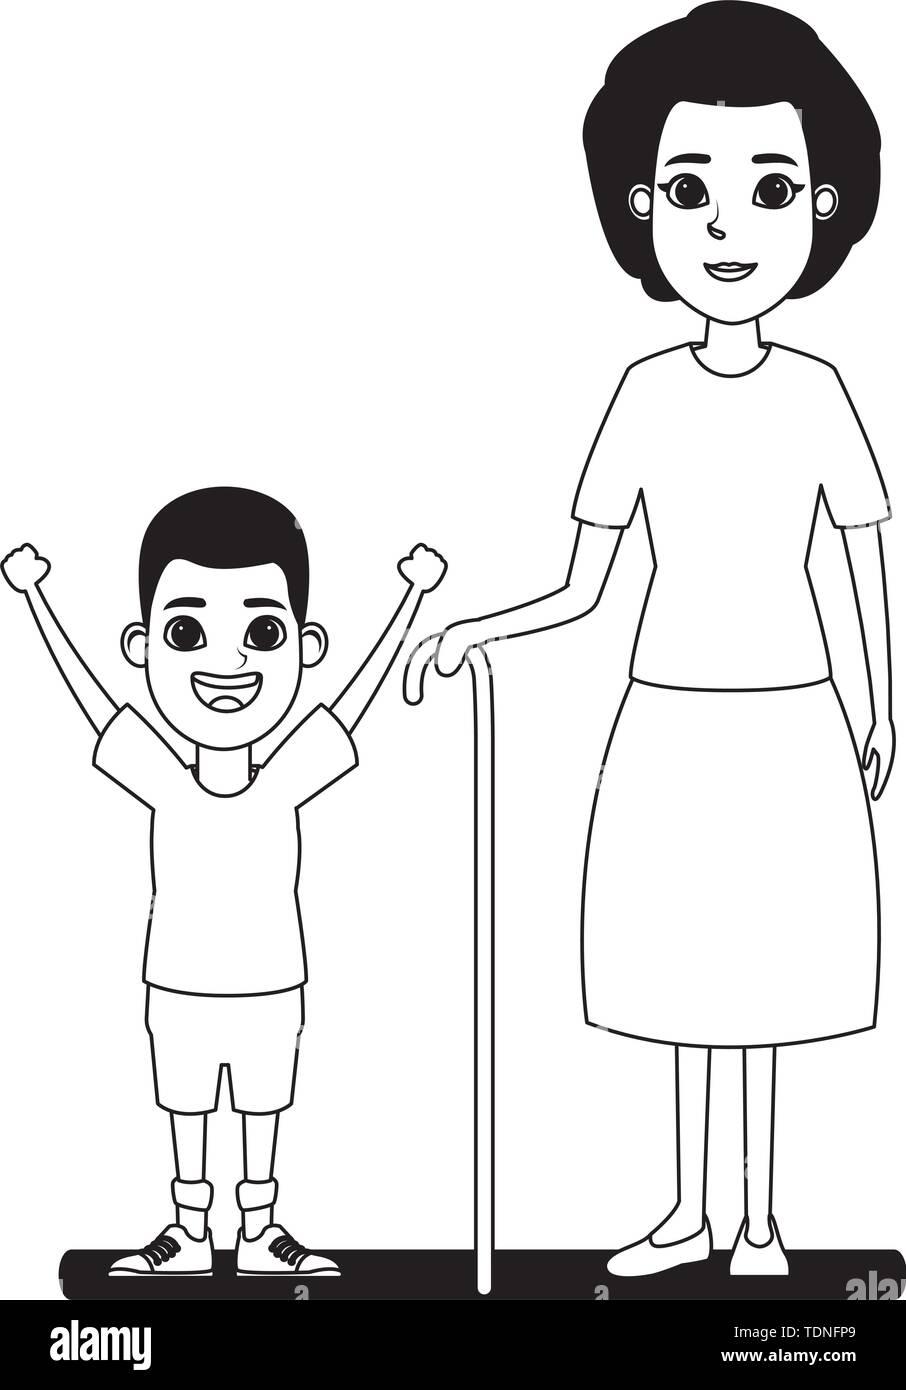 Familie avatar Großmutter mit Zuckerrohr Neben afroamerican junge Profil Bild Cartoon Character portrait in Schwarzweiß Vector Illustration Grafik Stockbild